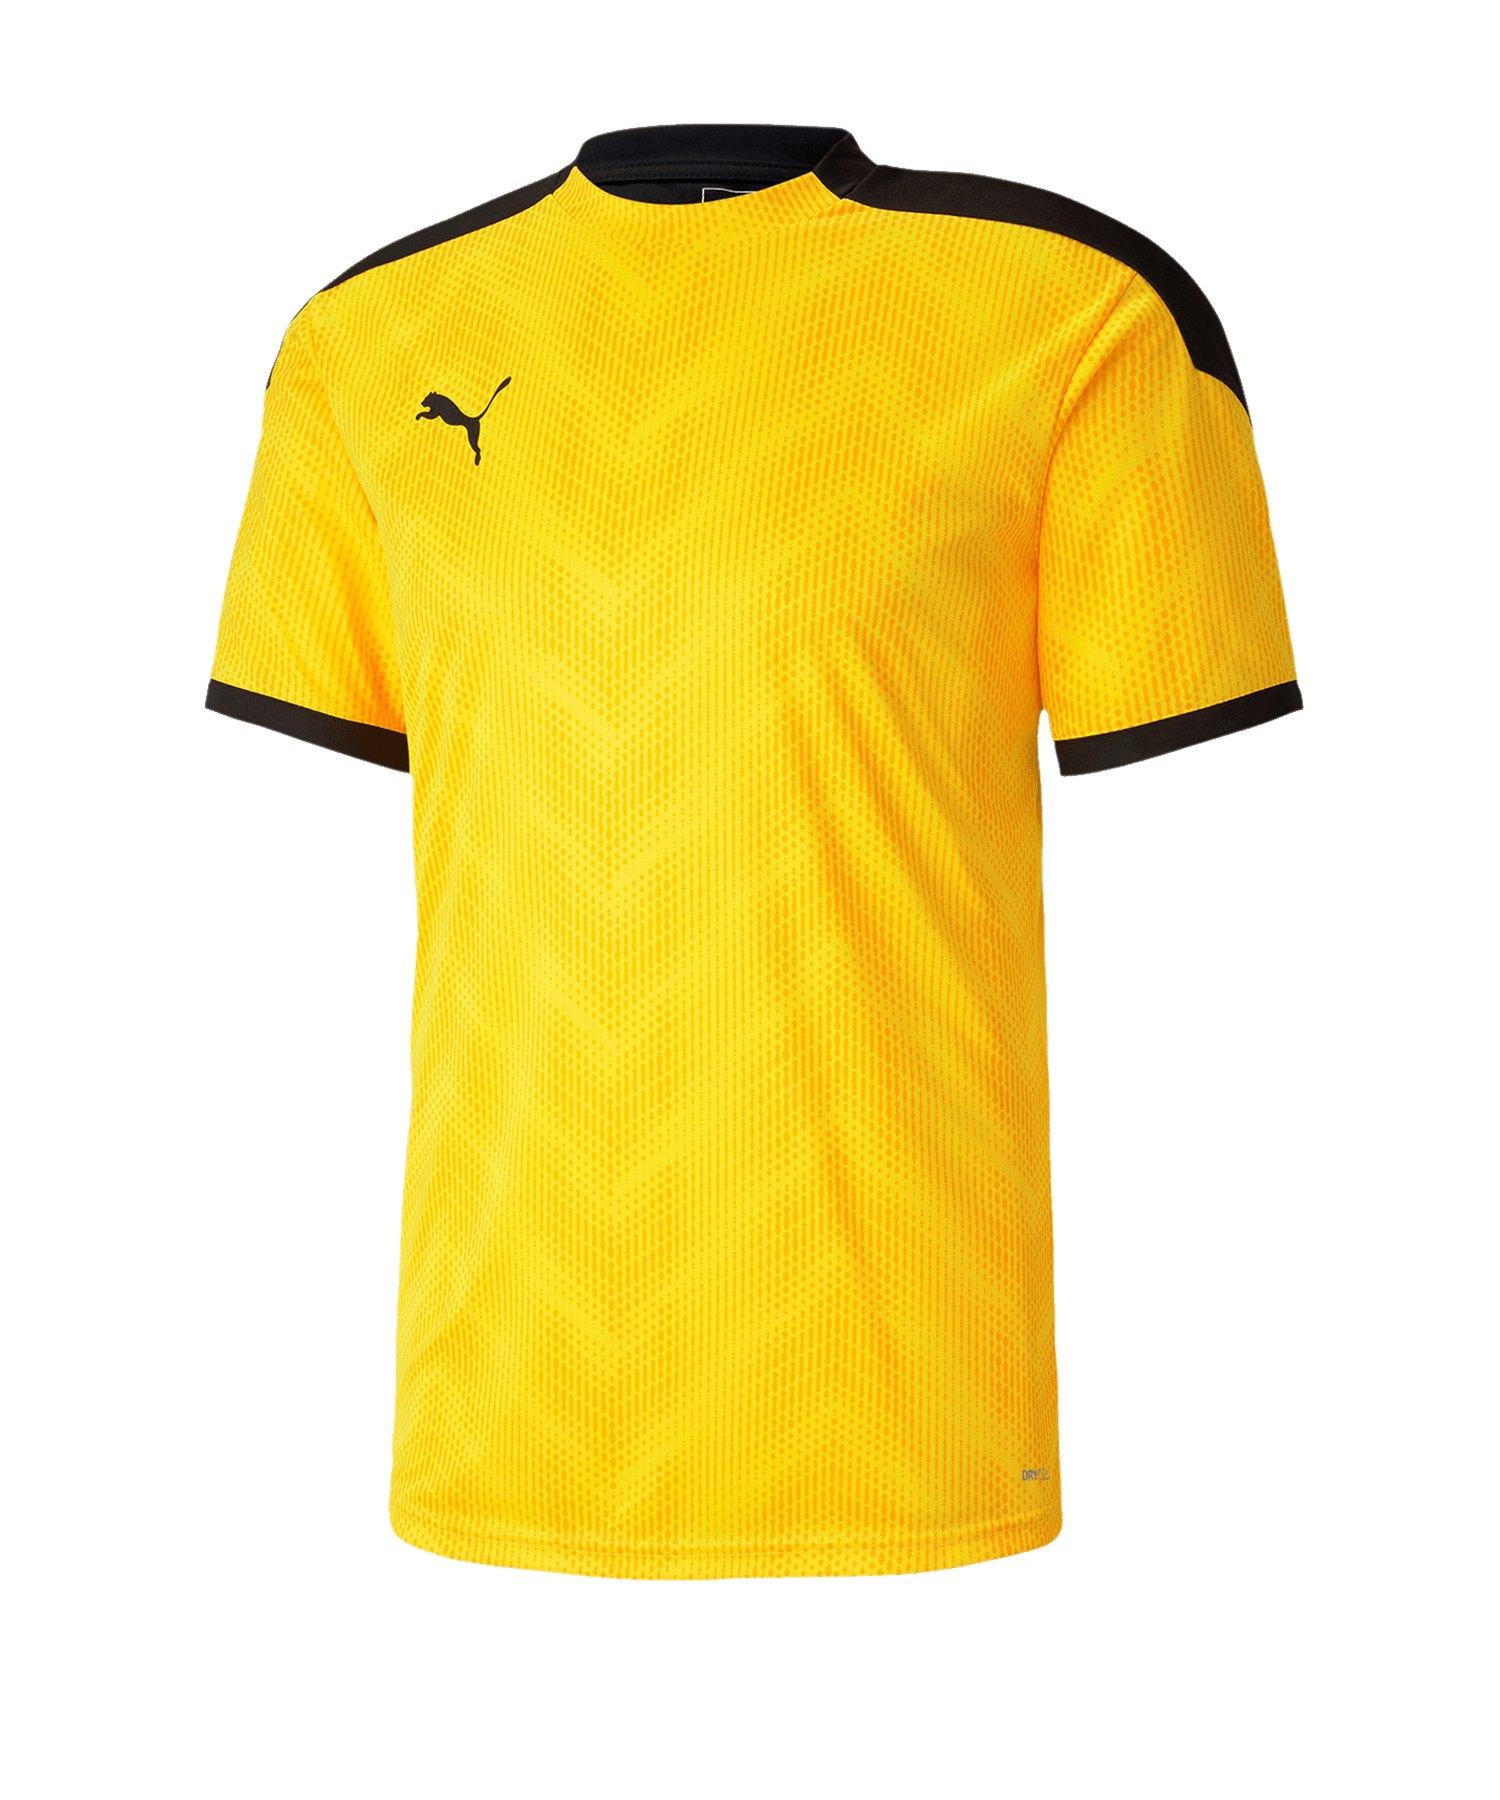 PUMA ftblNXT Graphic T-Shirt Gelb F04 - gelb